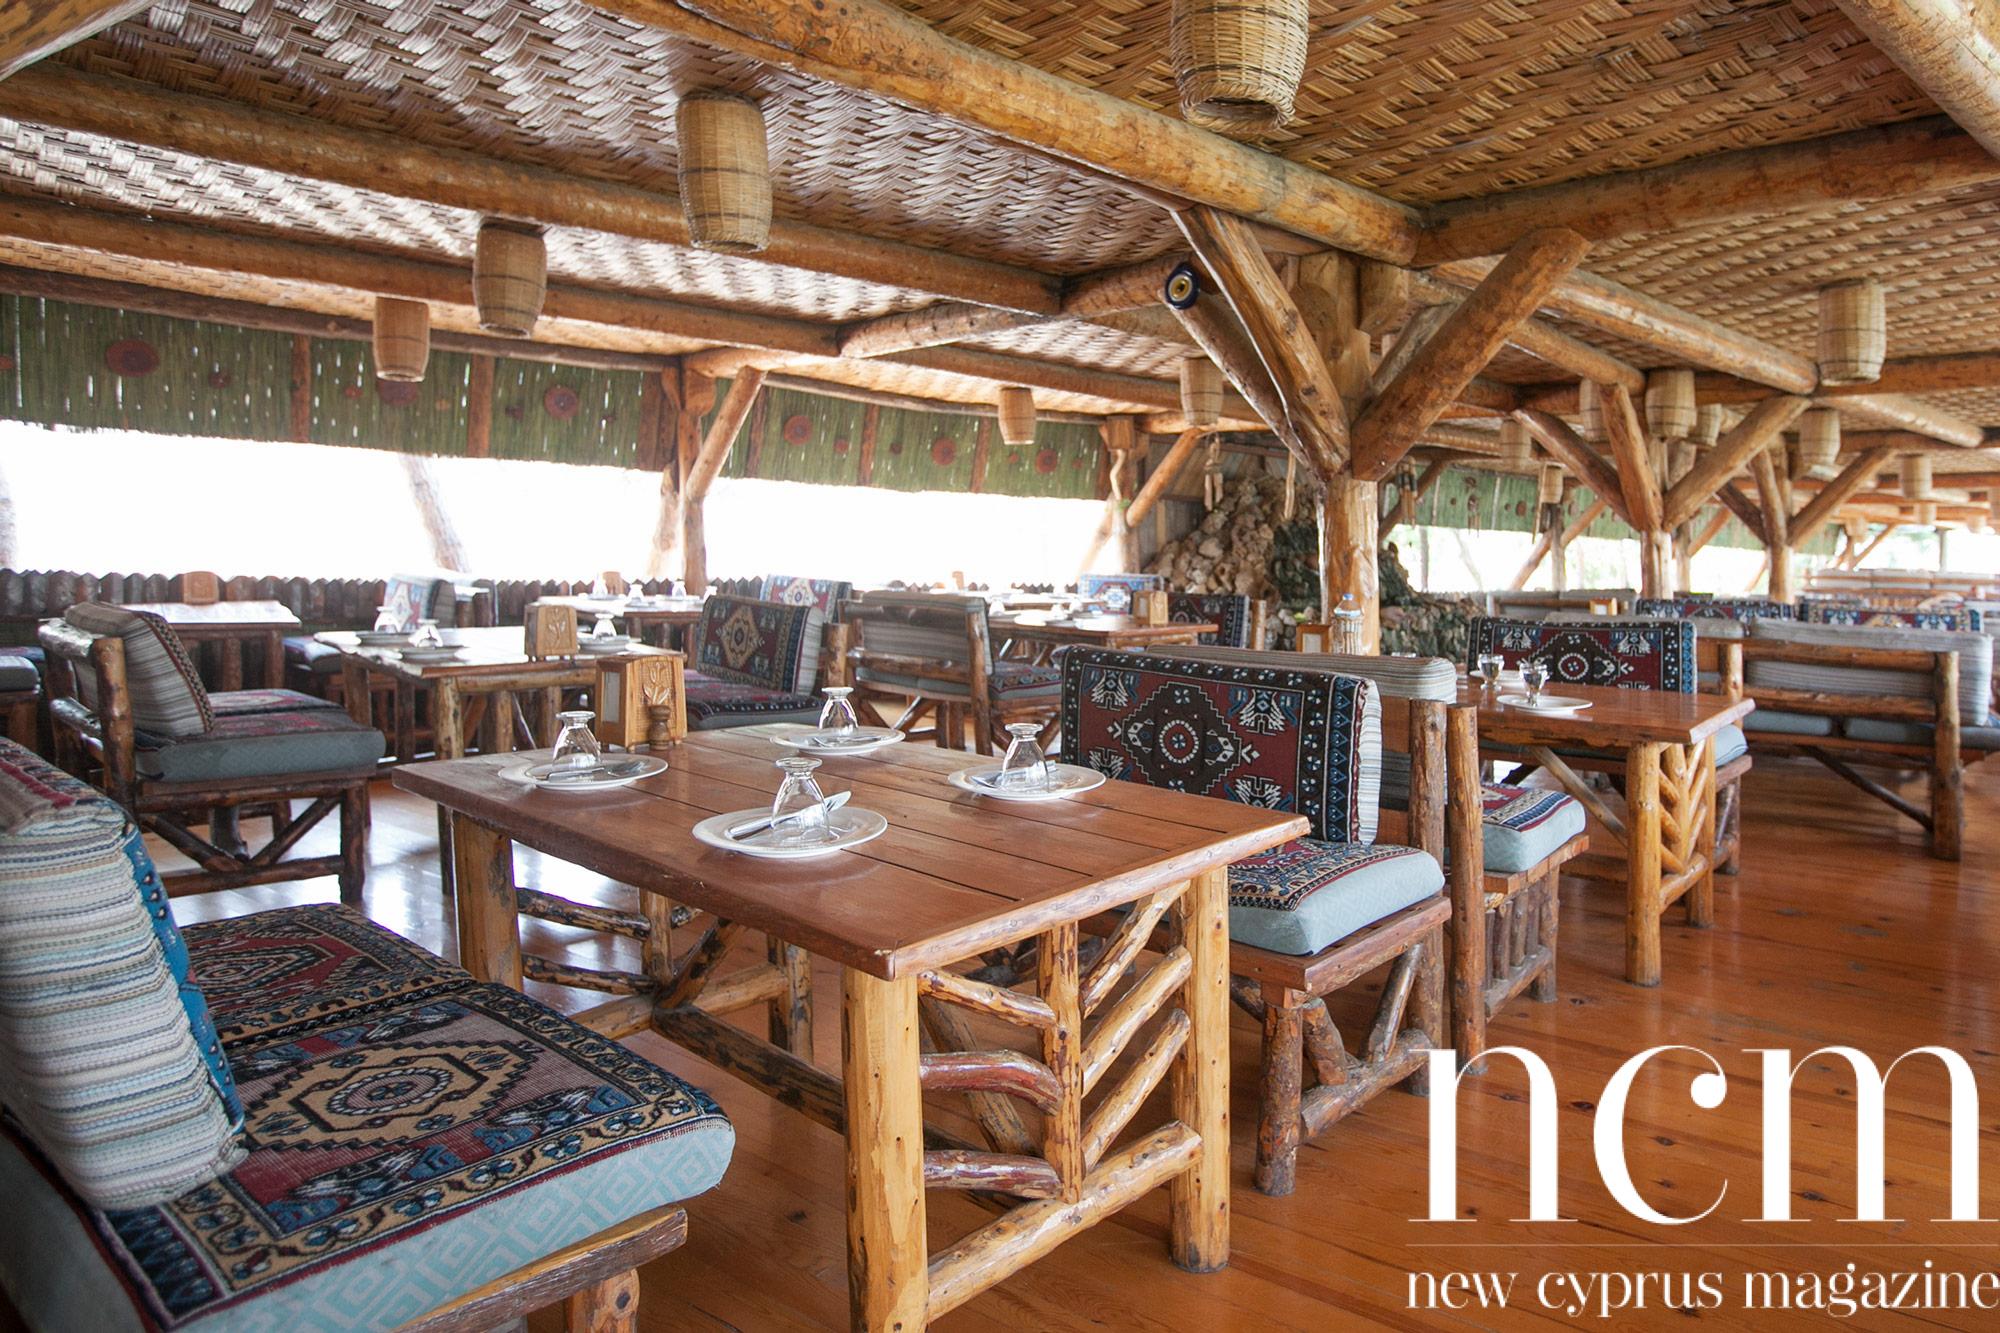 norra-cypern-2017-02727